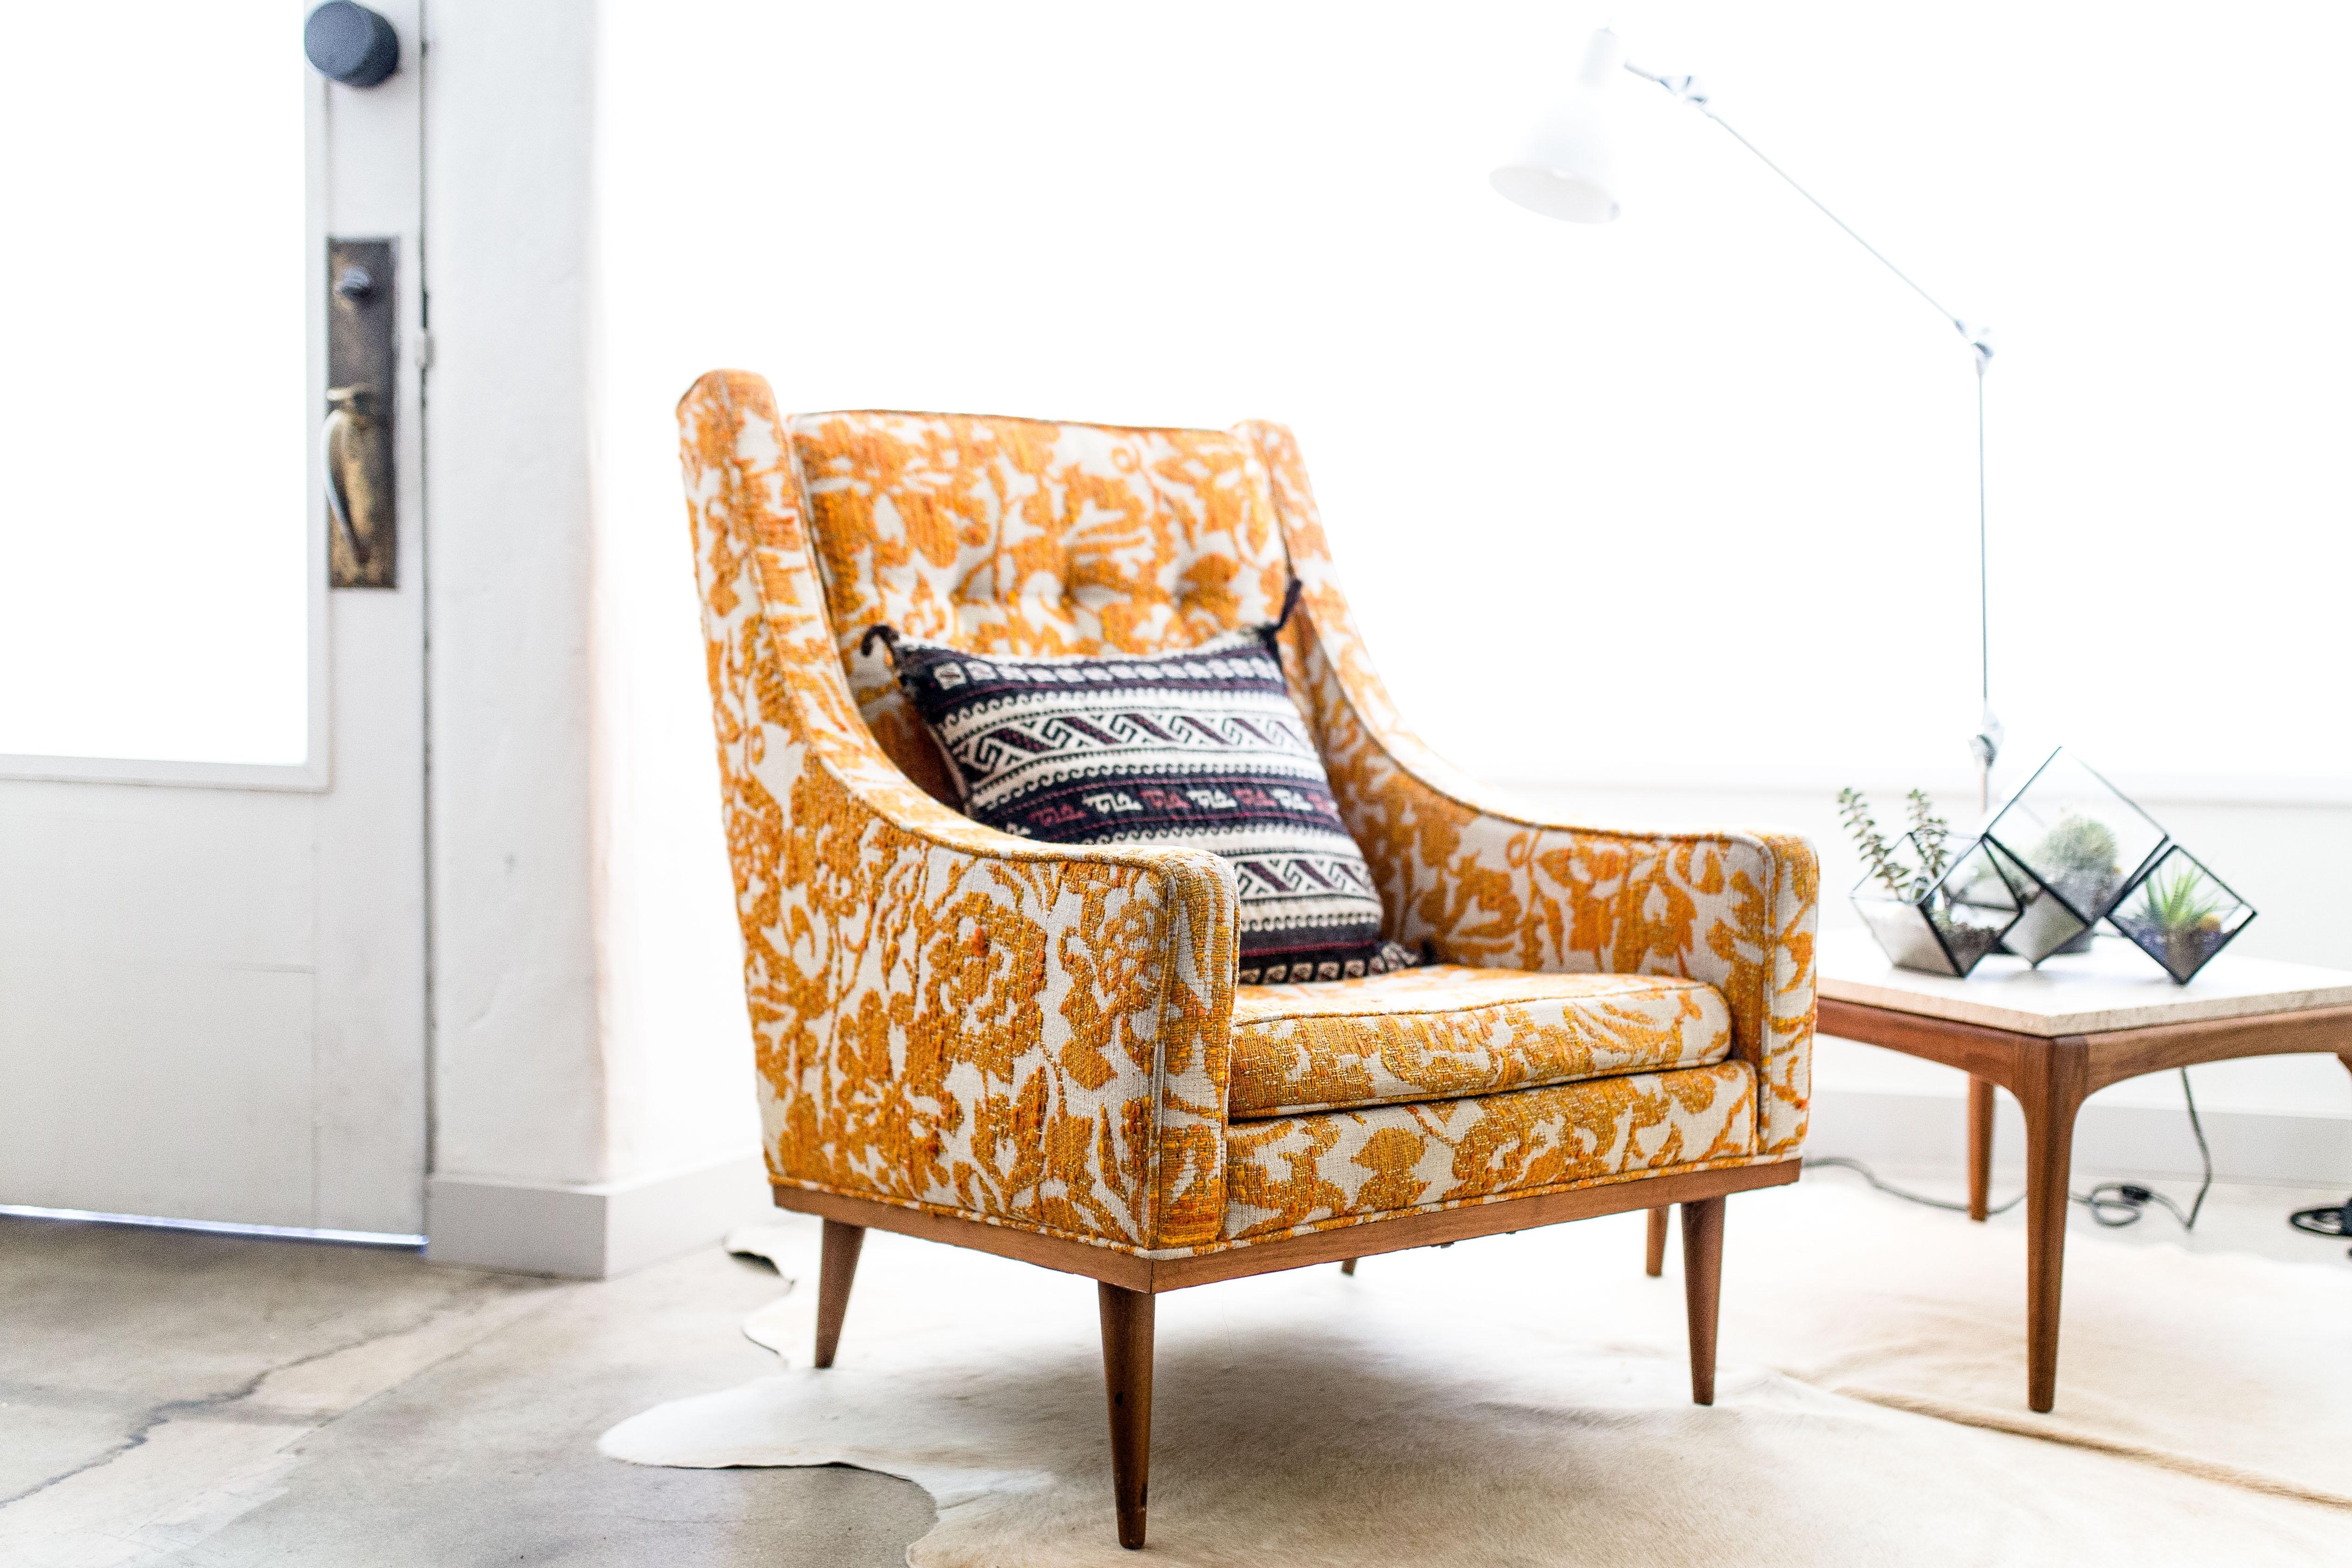 Zelf Stoel Stofferen : De vijf voordelen van meubels stofferen inspiratie voor je interieur